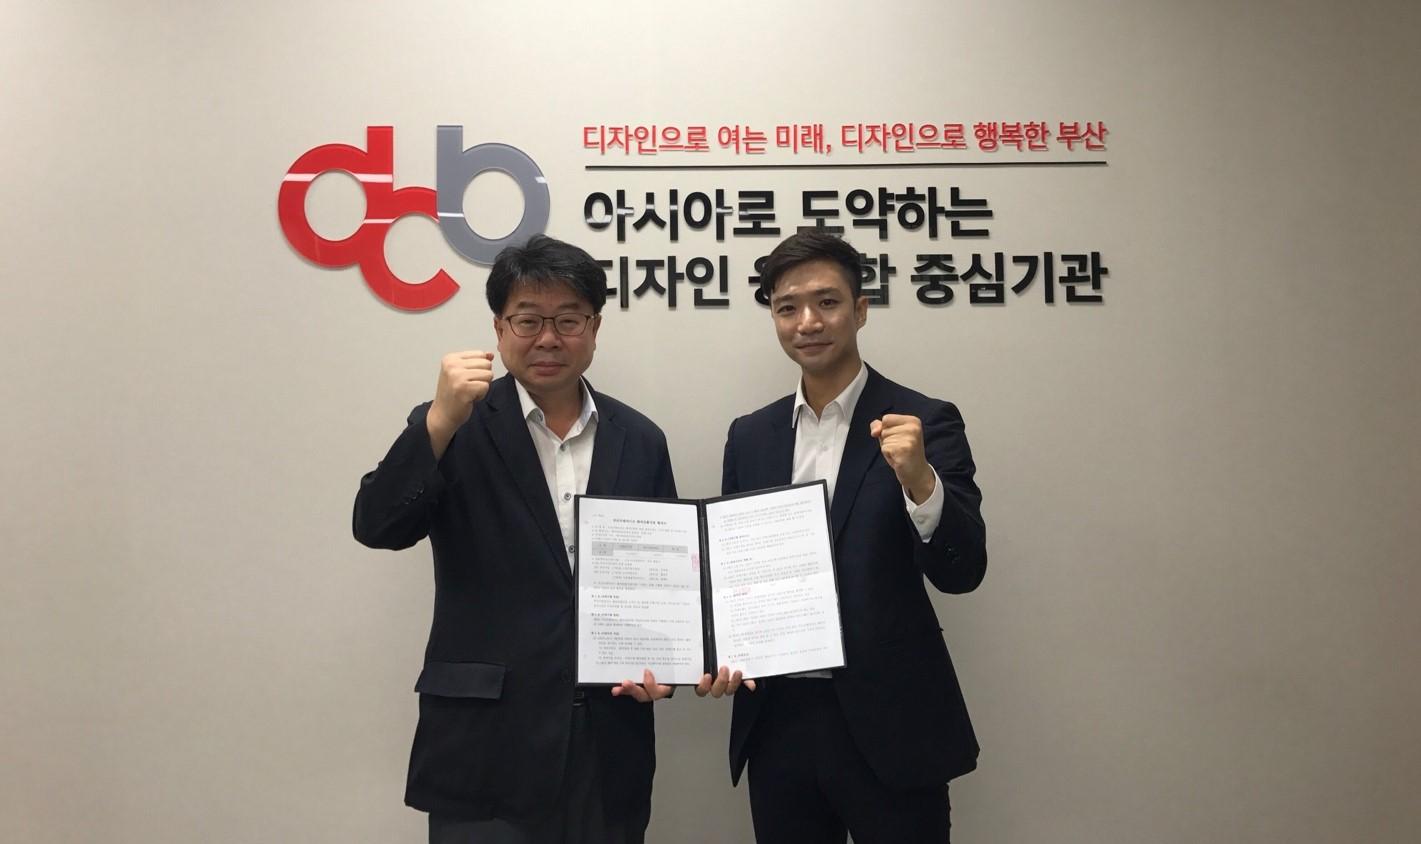 ▲ 왼쪽부터 부산디자인센터 강경태 원장, ㈜용감한사람들 김광역 팀장